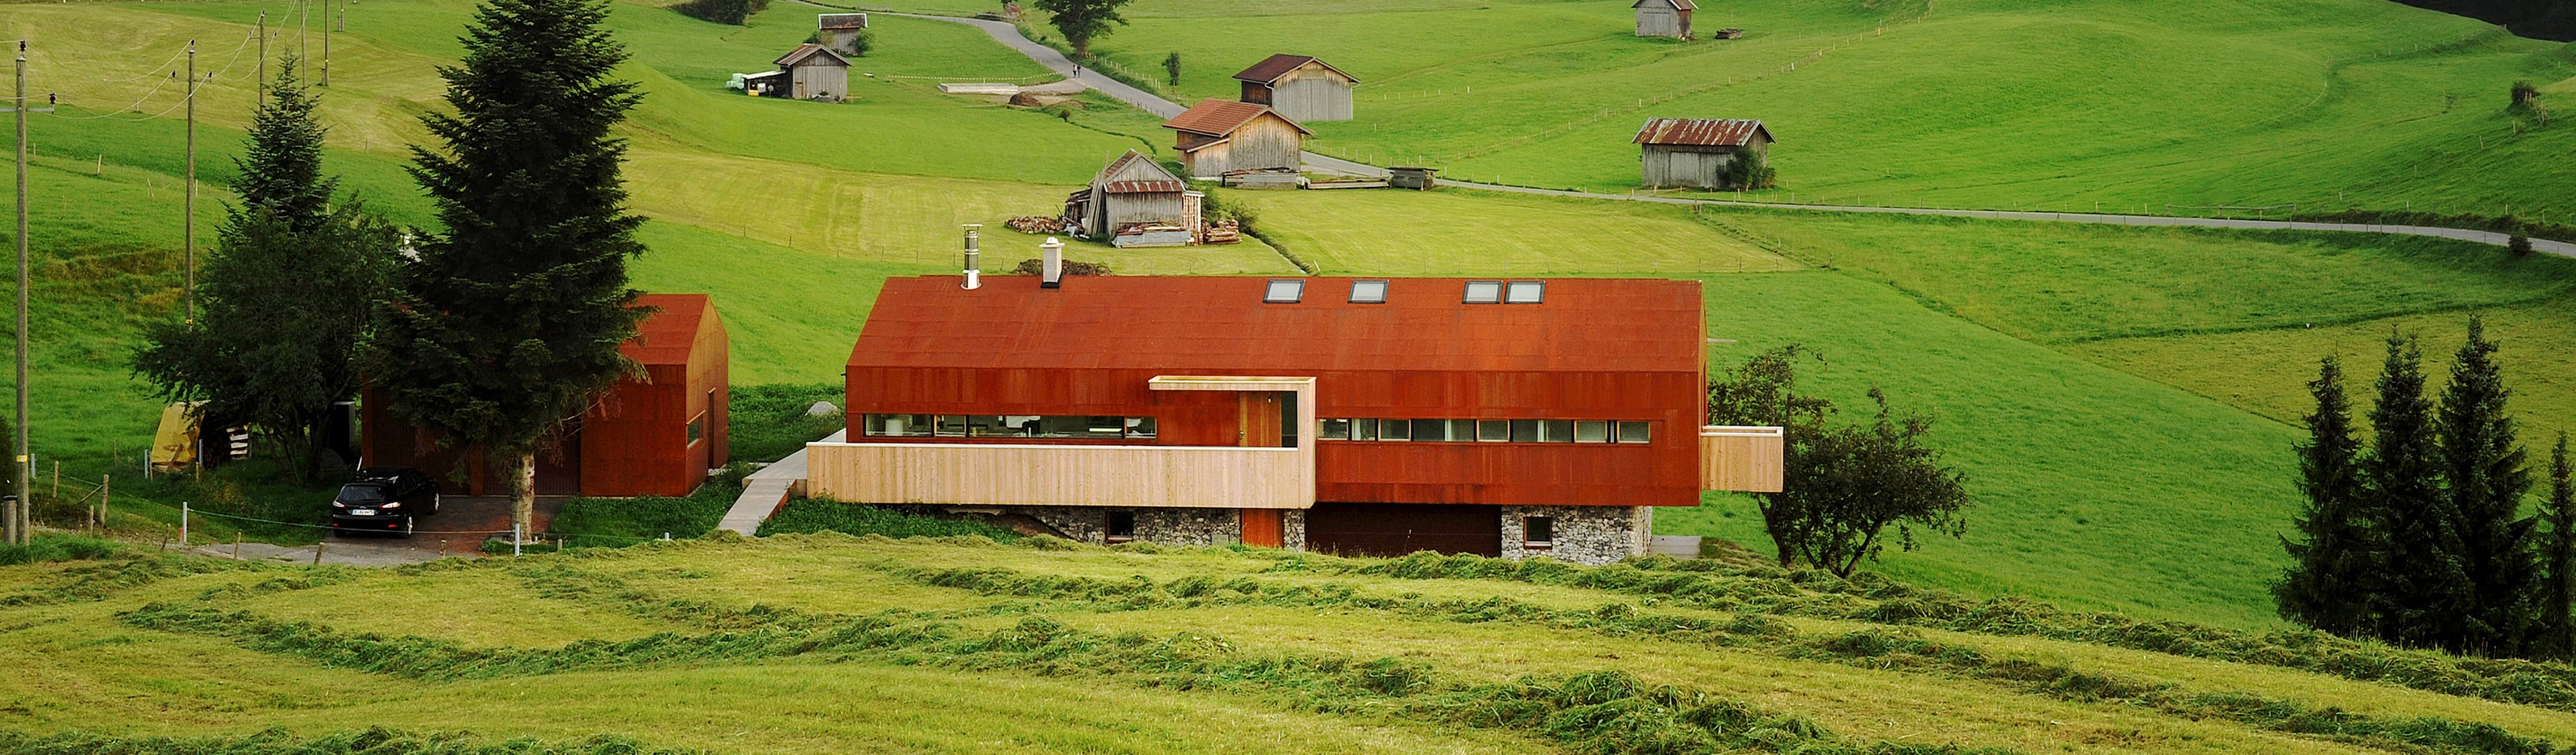 Carlos Zwick Architekten